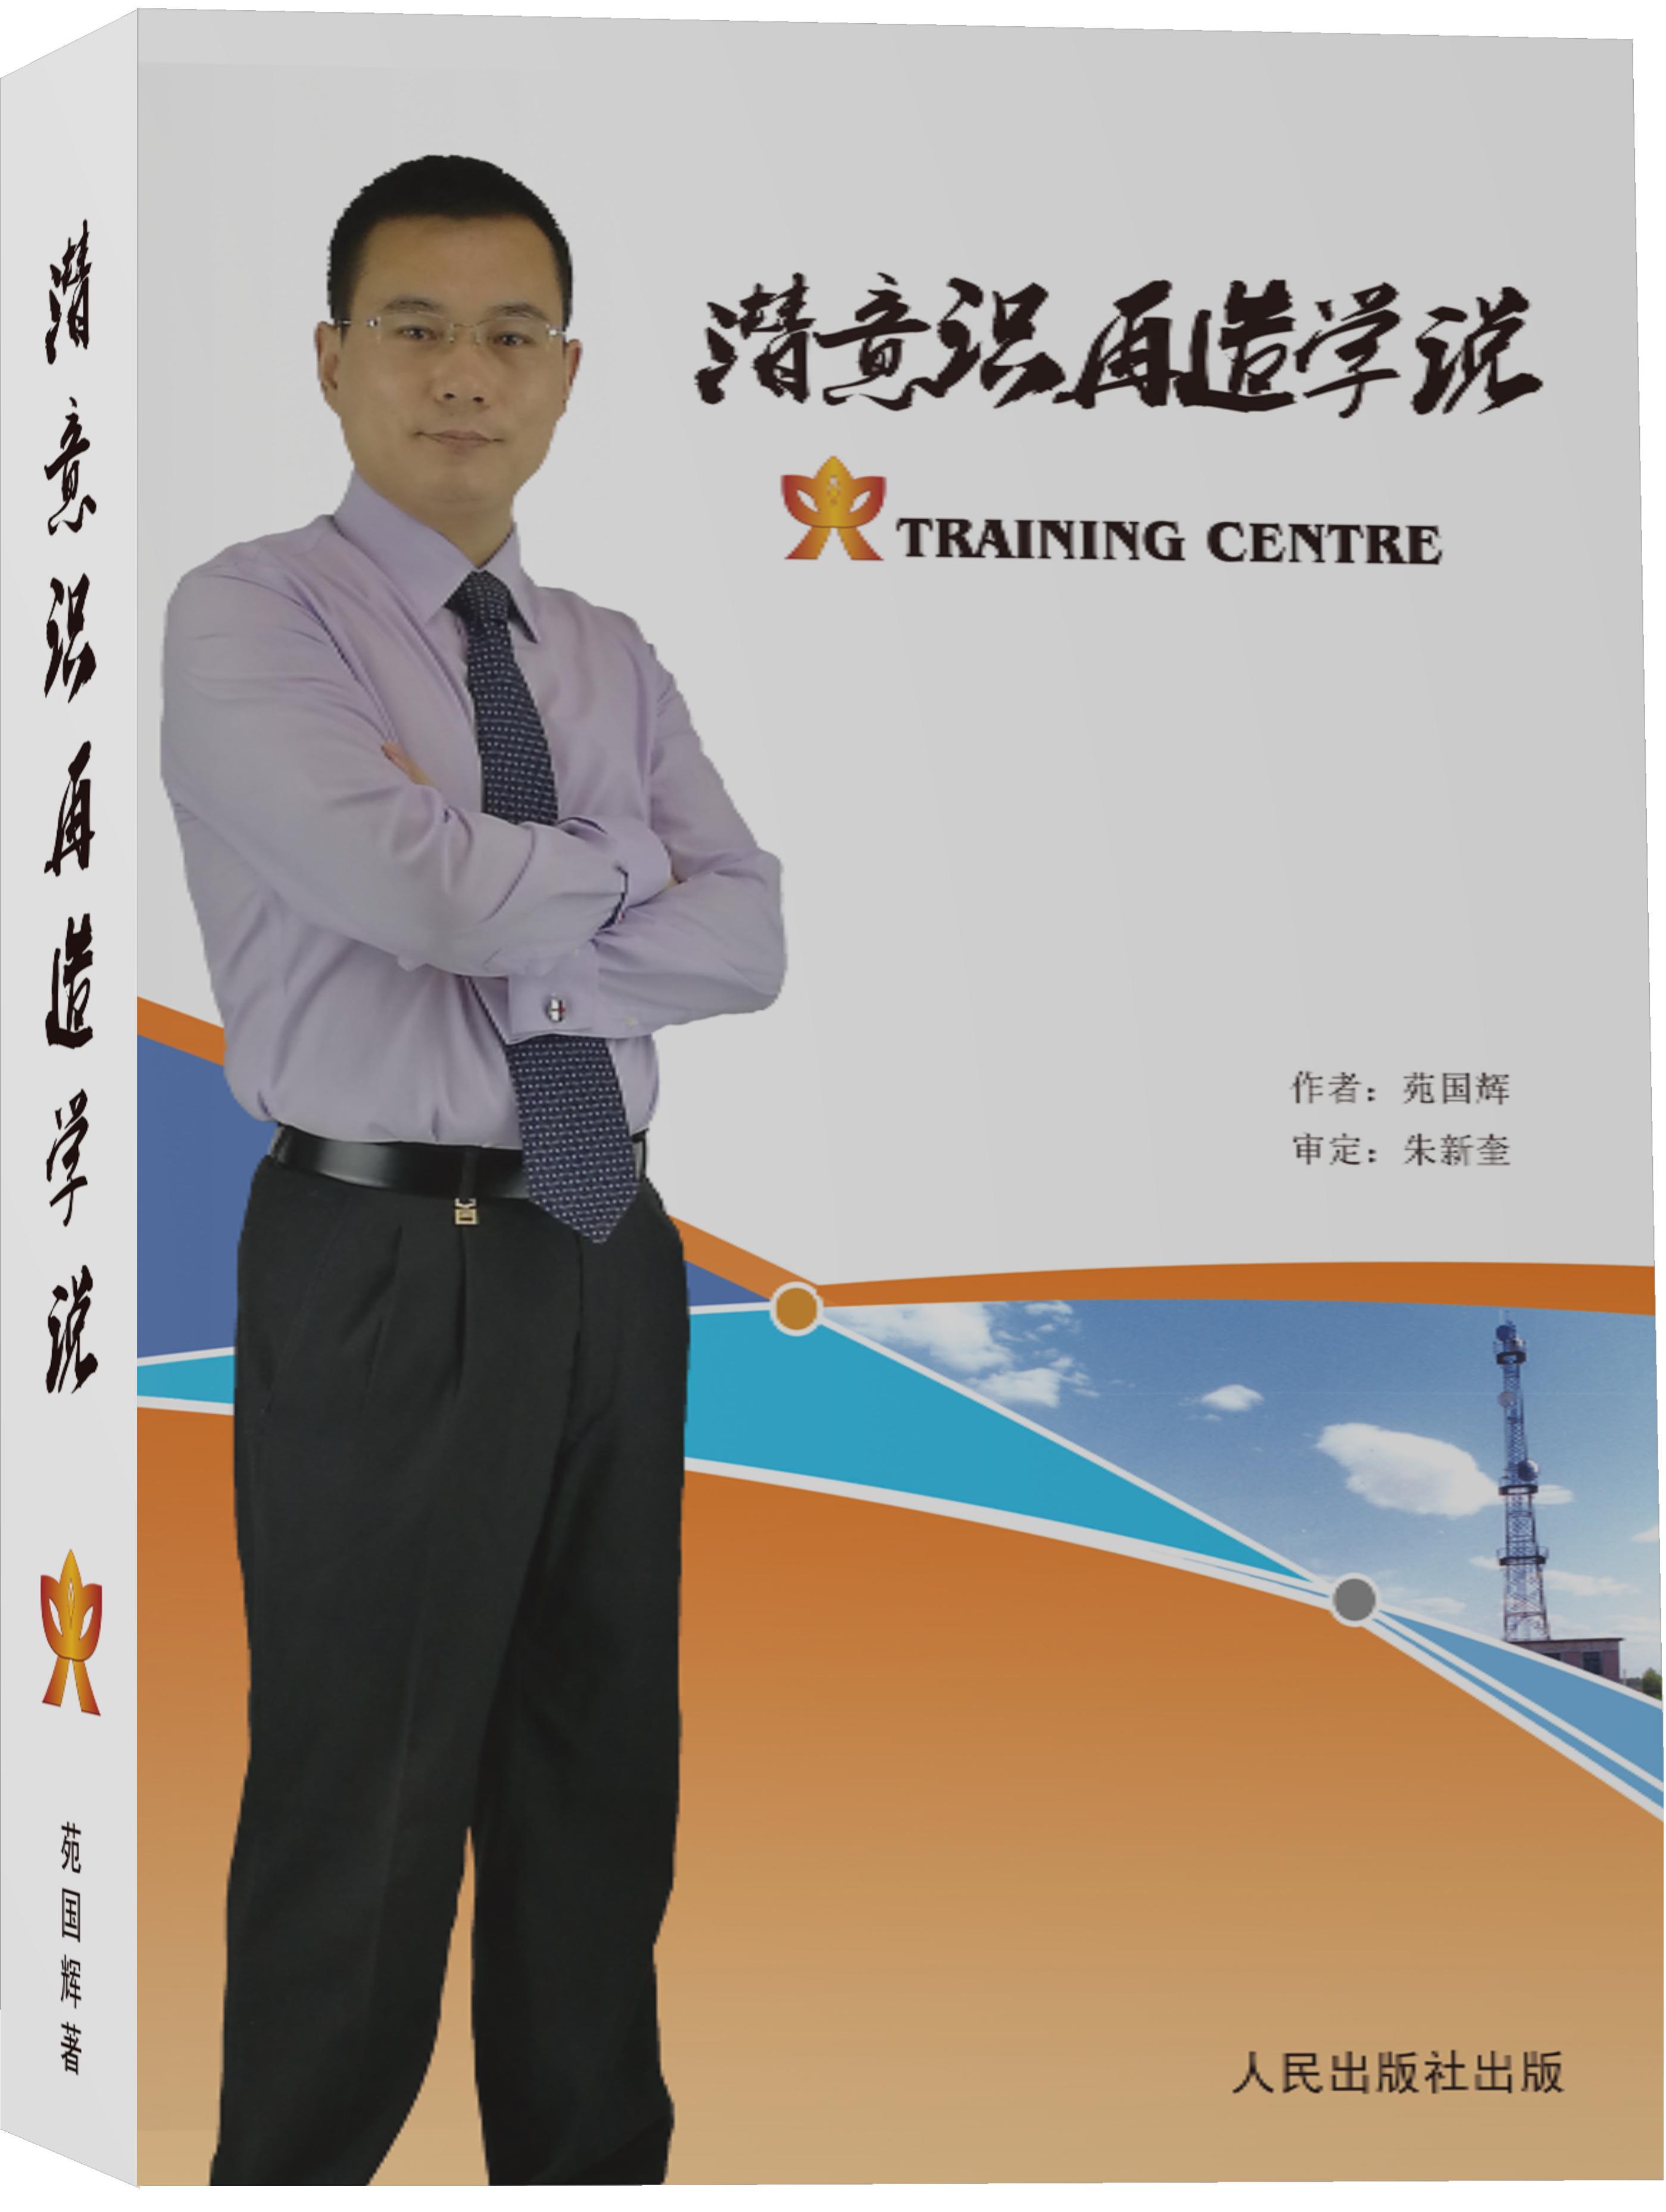 苑国辉书籍《潜意识再造学说》